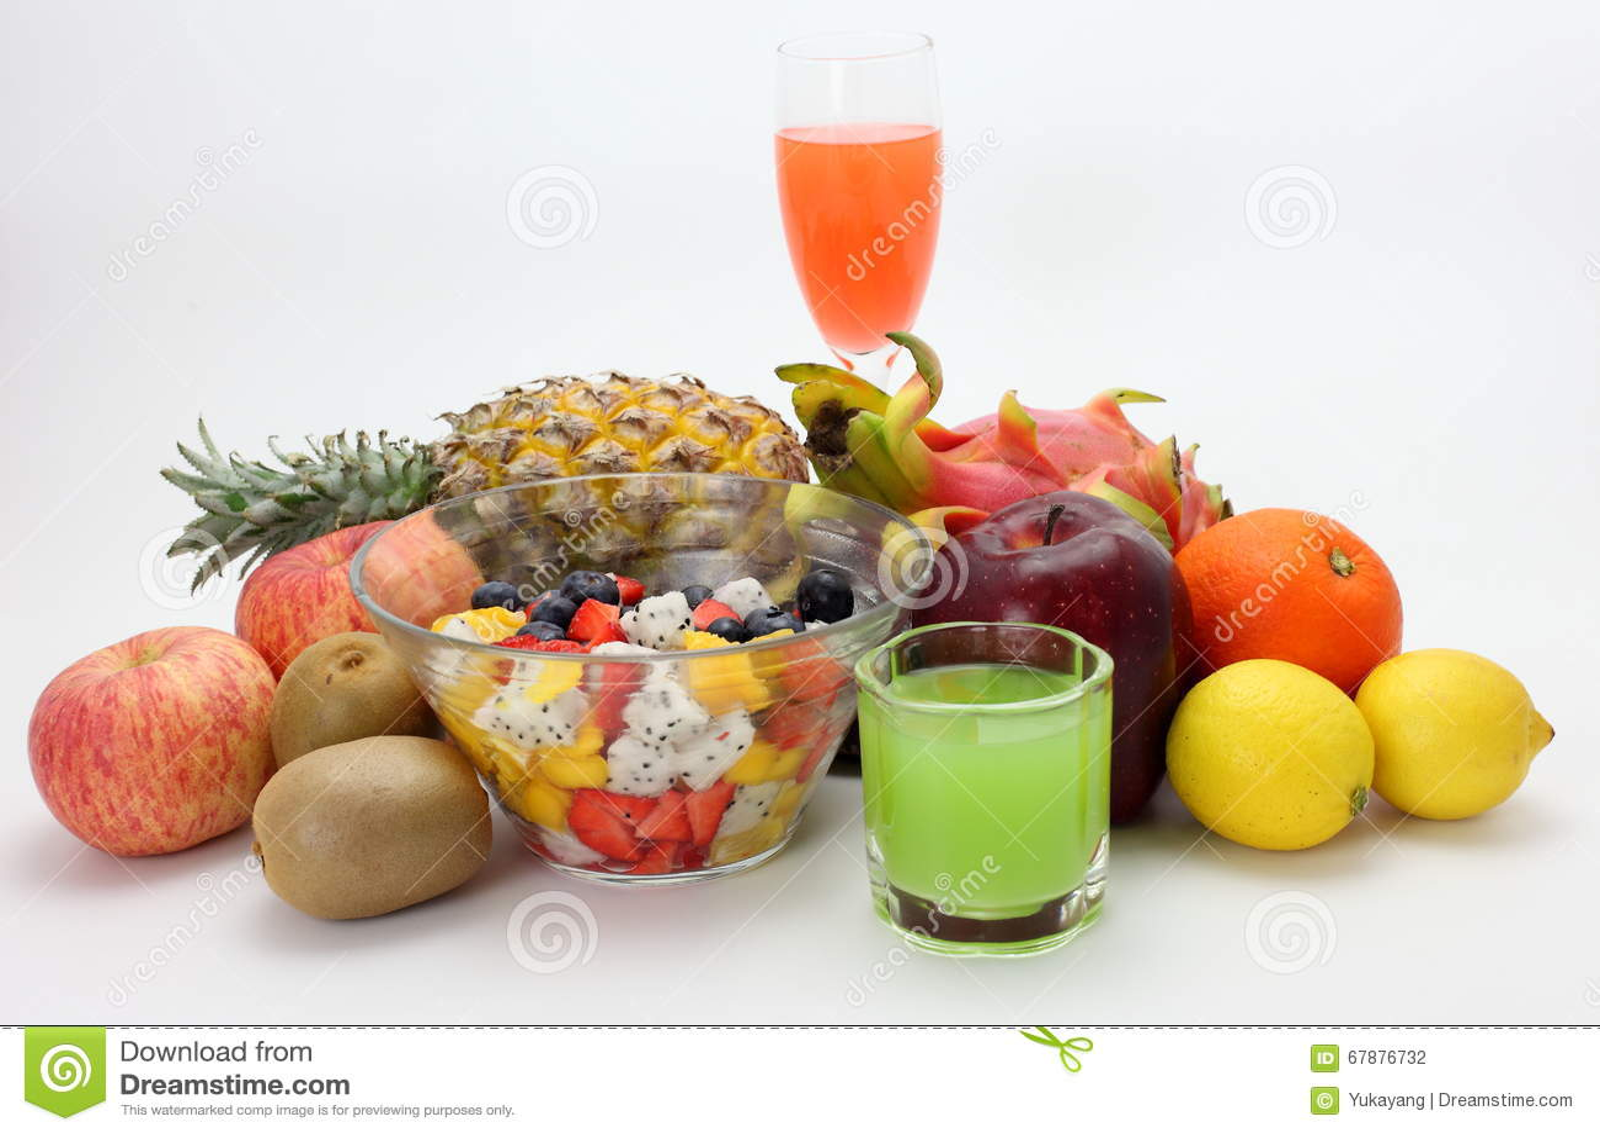 新鲜水果沙拉和果汁